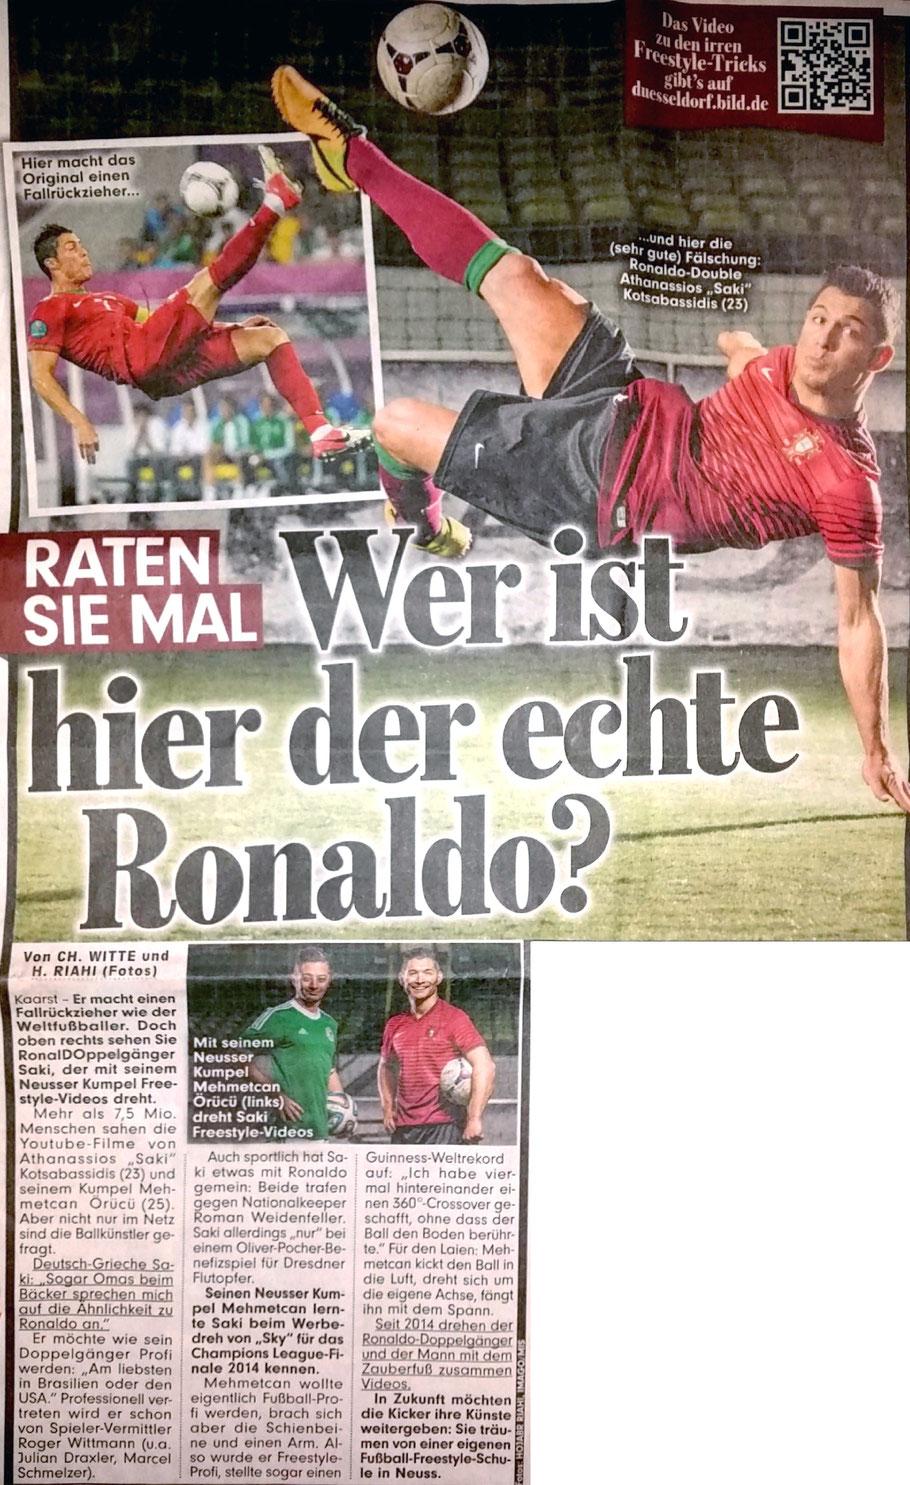 BILD - Wer ist hier der echte Ronaldo?